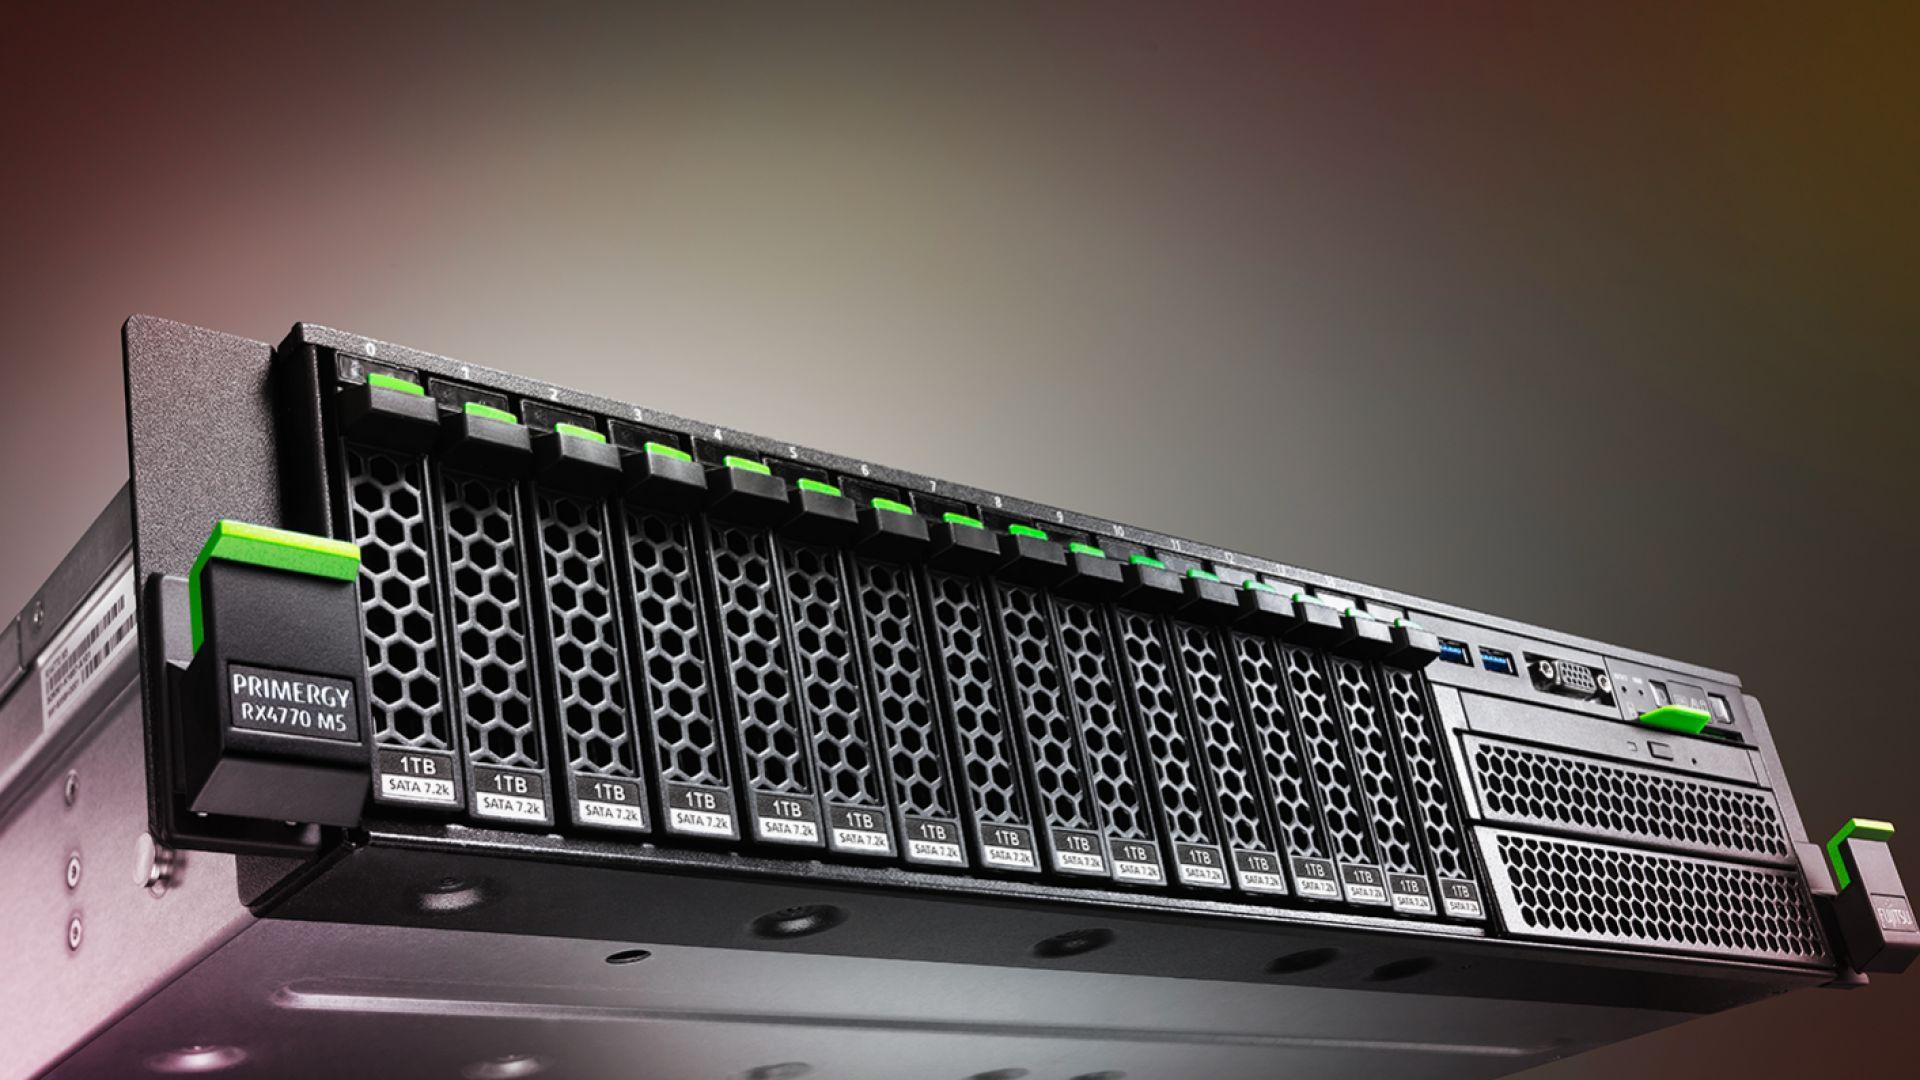 Новите сървъри на FUJITSU поставиха рекорд